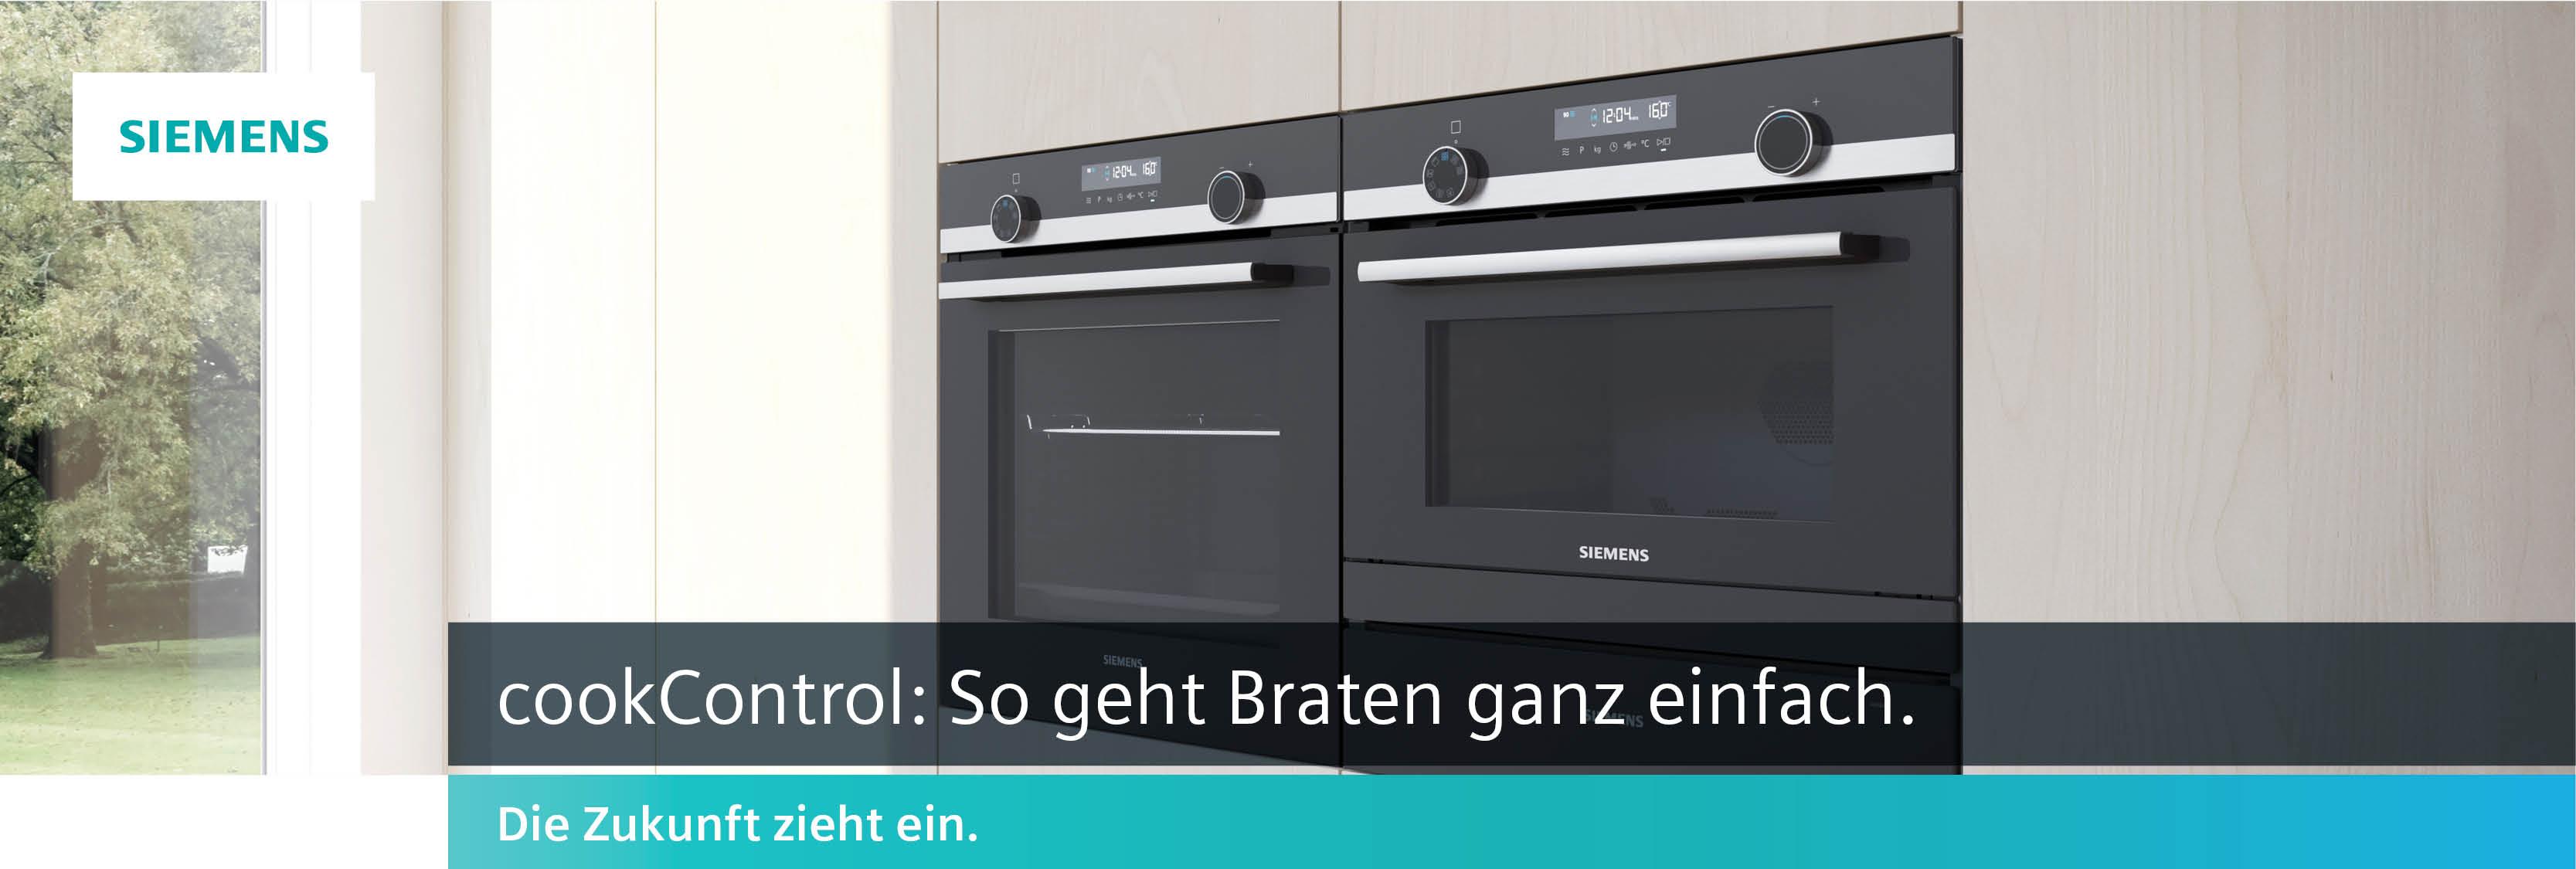 Siemens cookControl